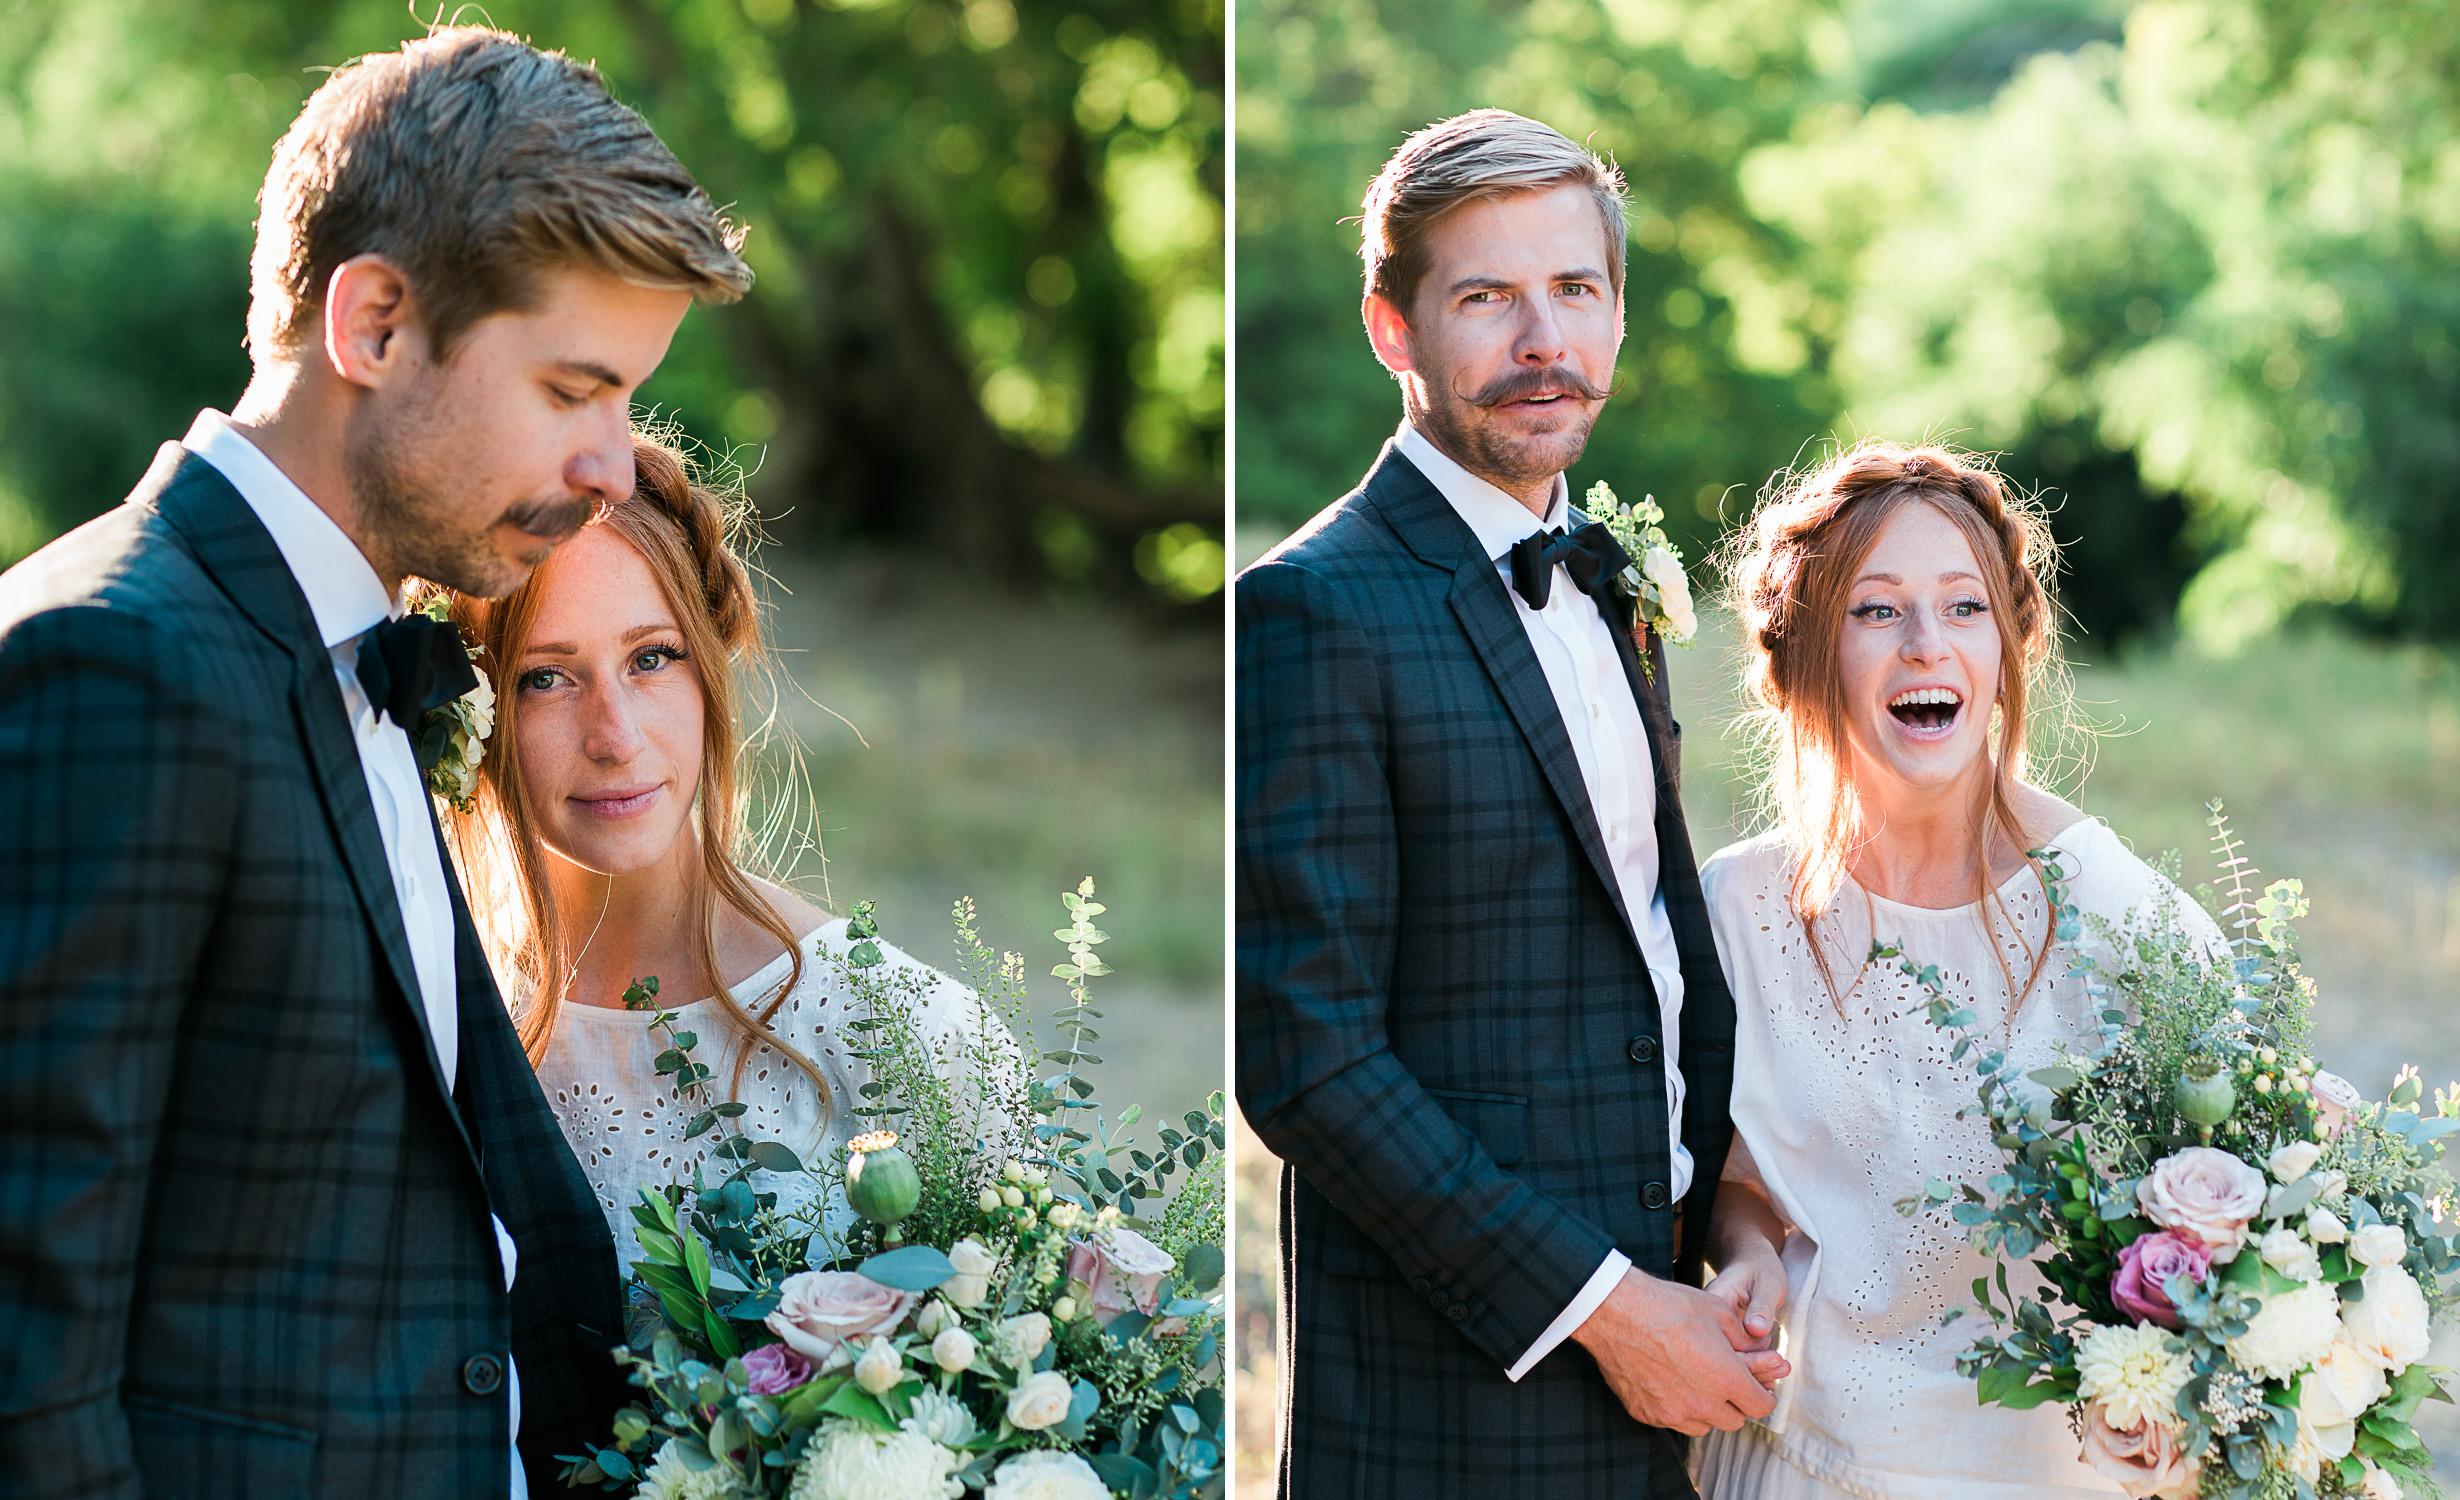 Salt-Lake-City-Utah-Wedding-02.jpg